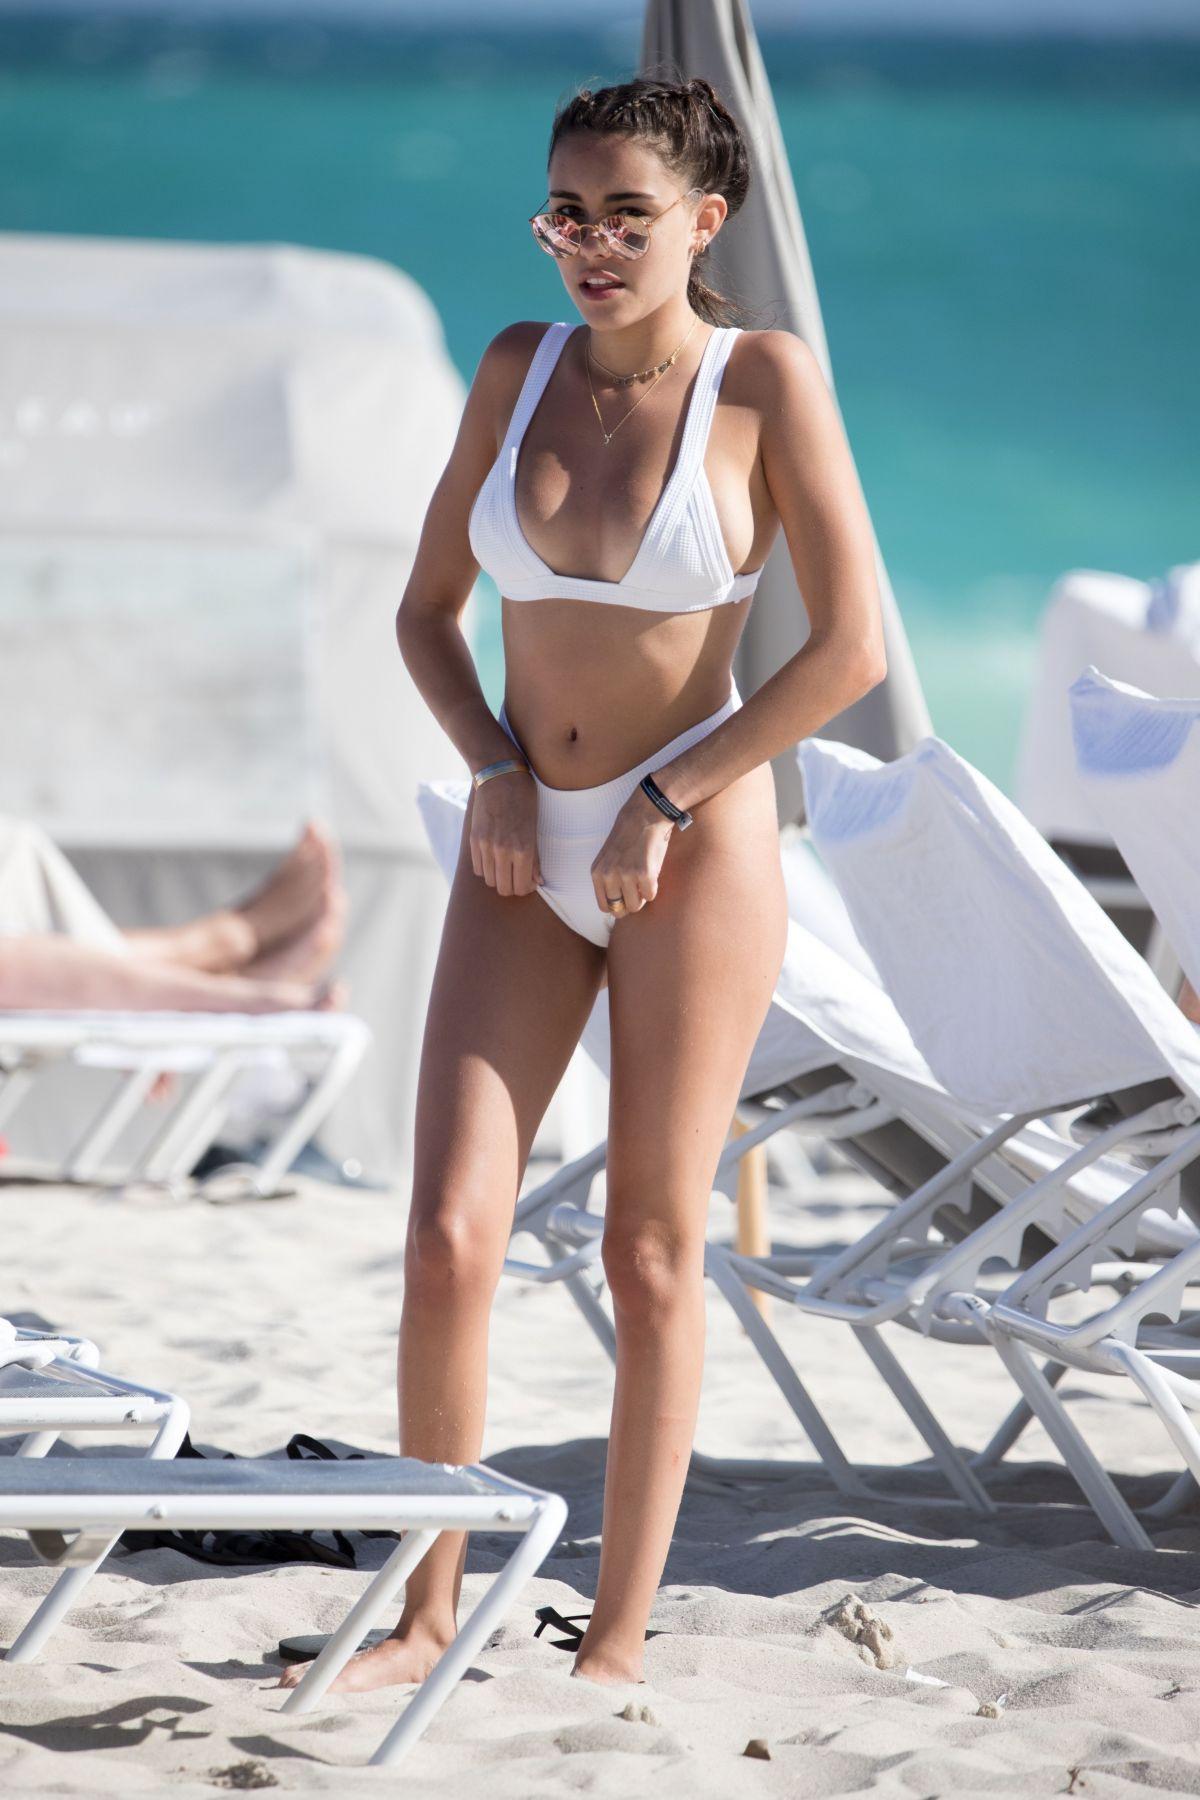 Missi pyle bikini